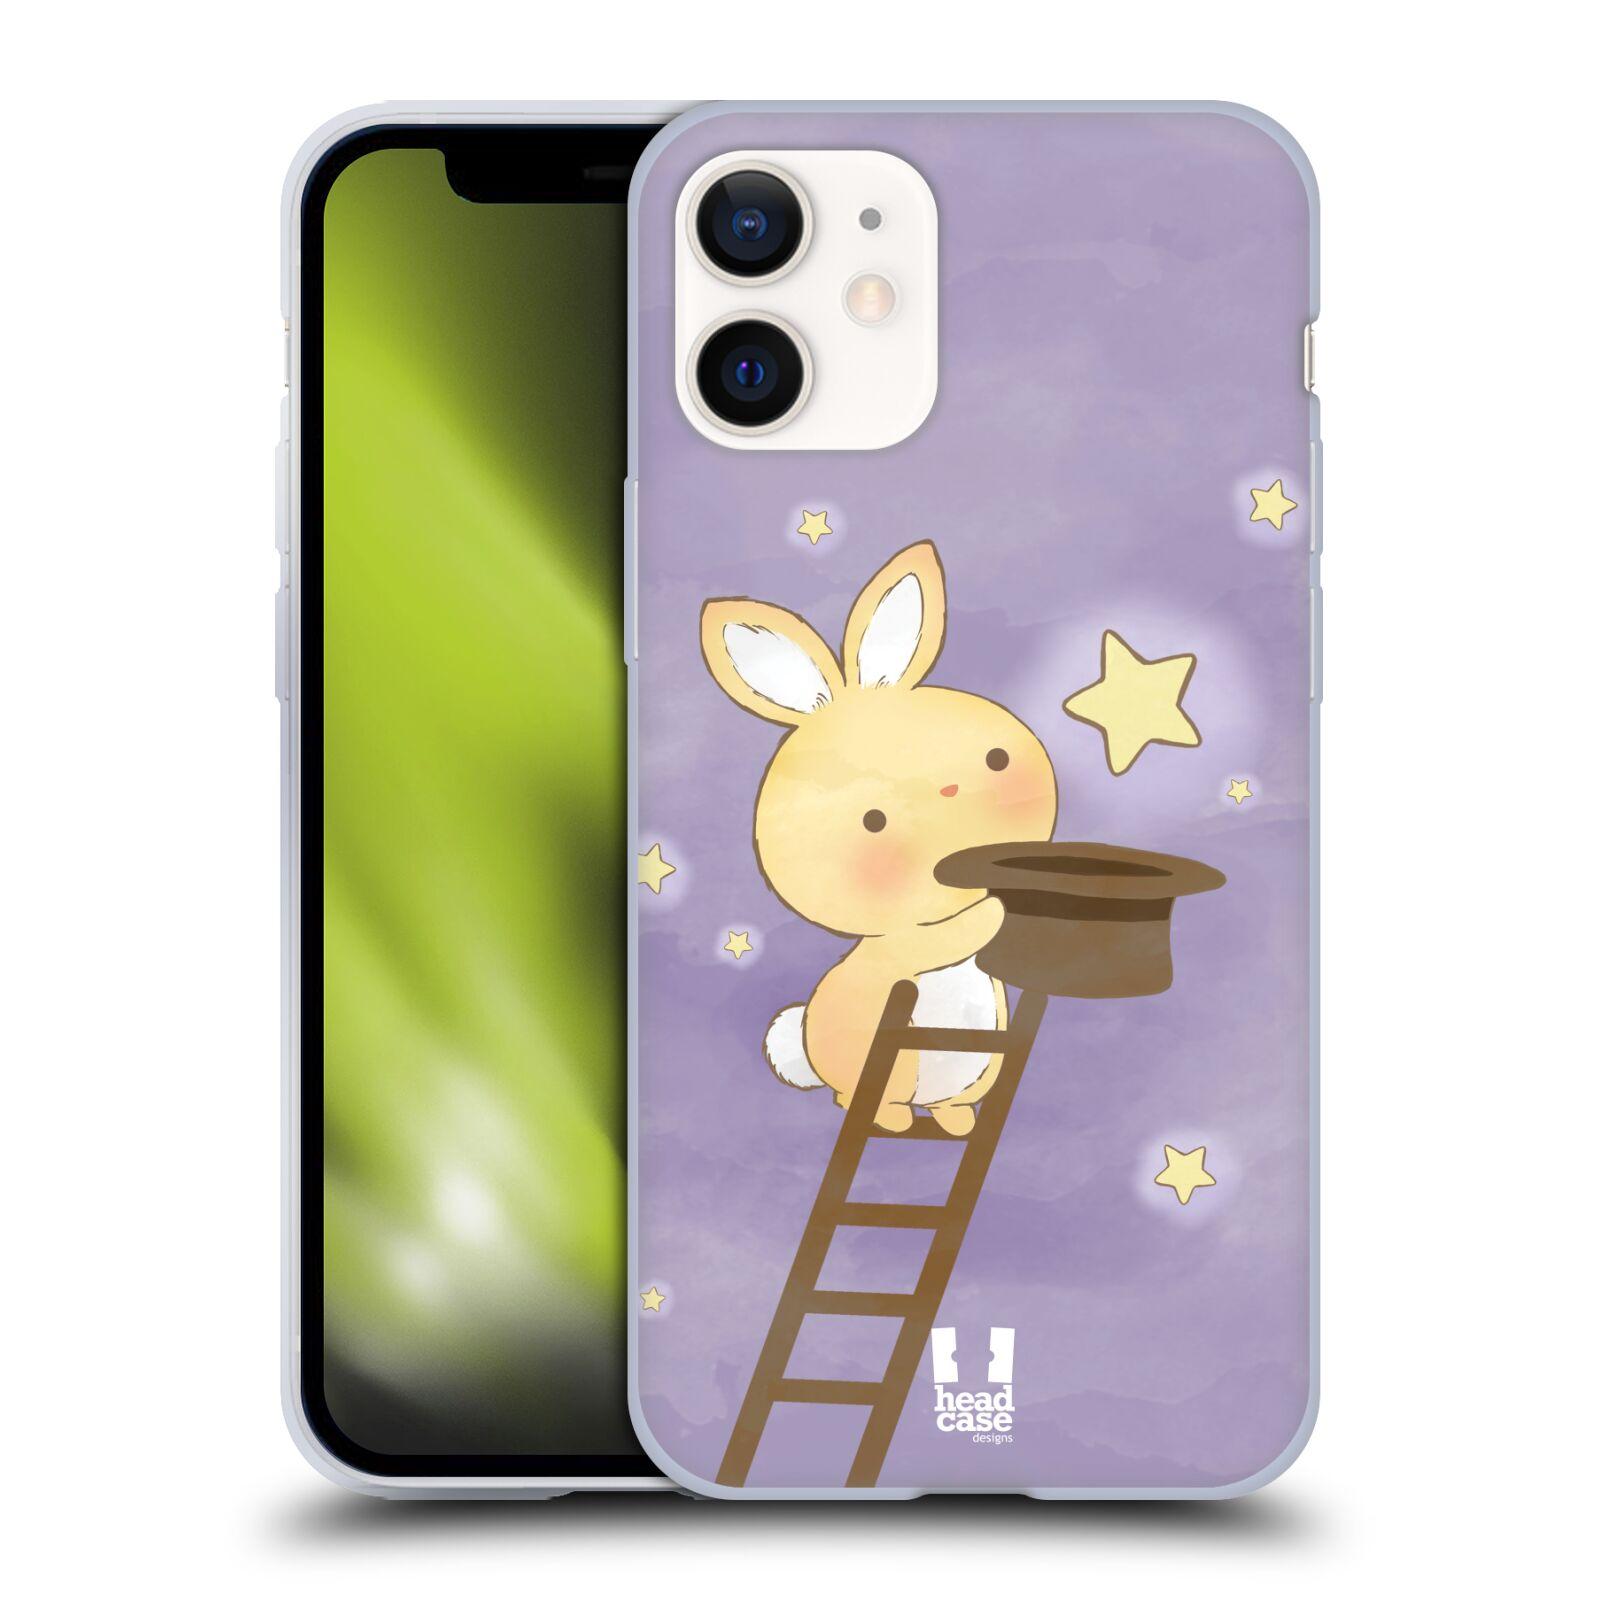 Plastový obal na mobil Apple Iphone 12 MINI vzor králíček a hvězdy fialová